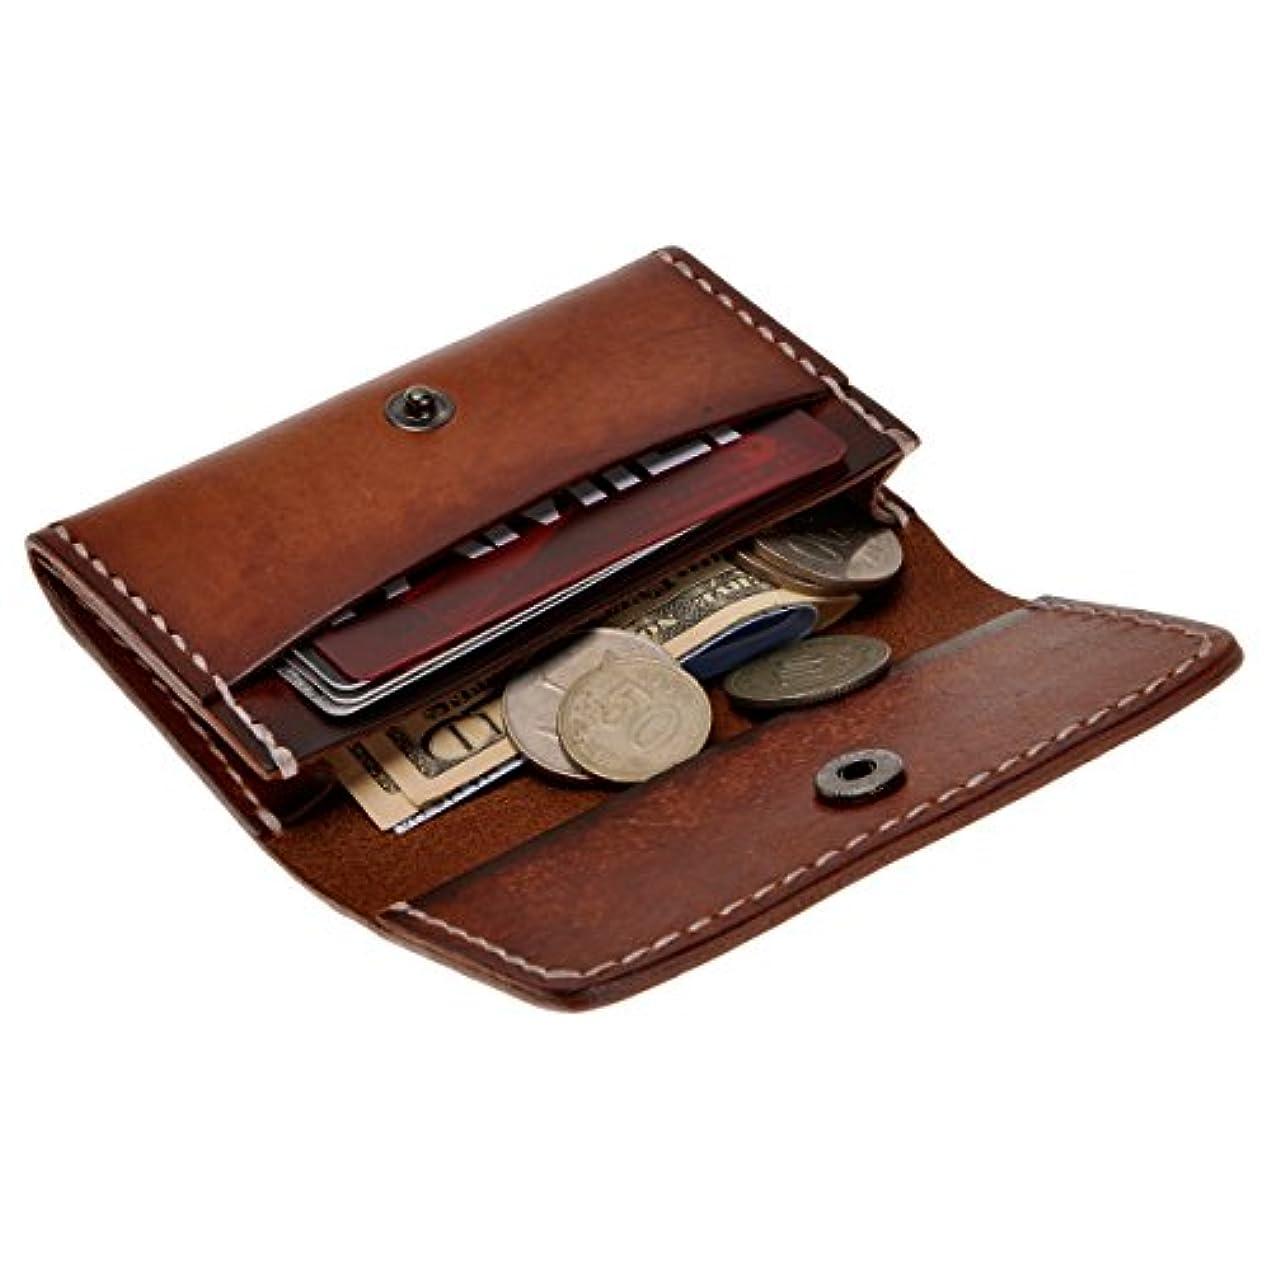 組み合わせるログマイクロZLYC手作り 財布 スリム カード入れ コインパース ベジタブルタンニンなめし メンズ レディース